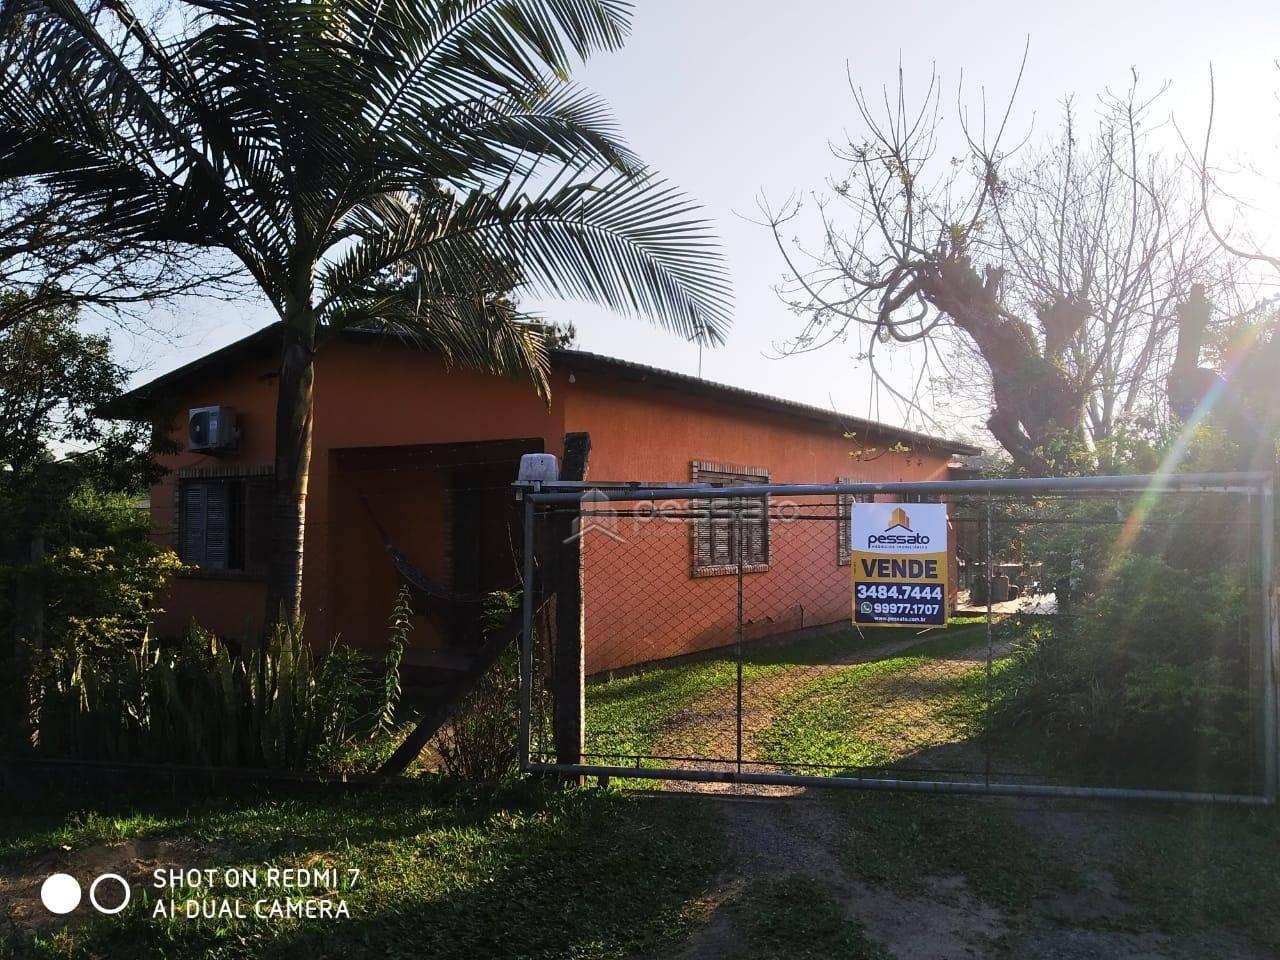 sítio 3 dormitórios em Gravataí, no bairro Estancia Antiga